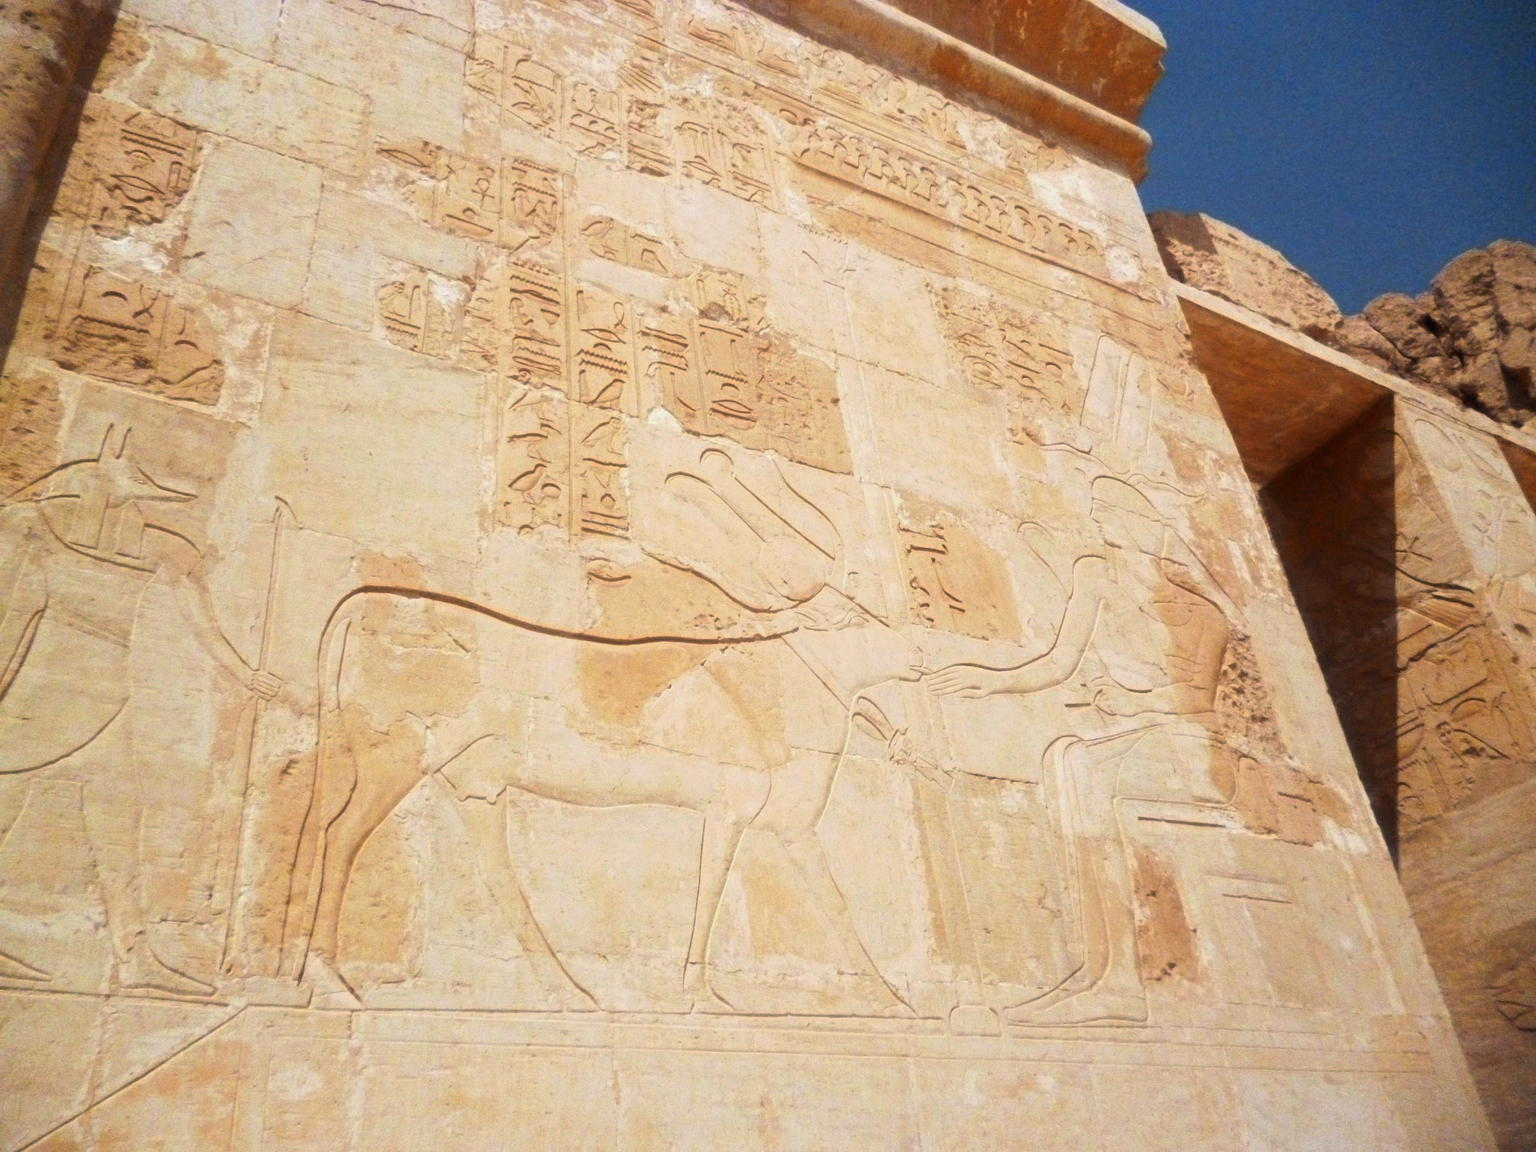 MÁS FOTOS, Excursión privada: la orilla oeste de Luxor, el Valle de los Reyes y el Templo de Hatshepsut